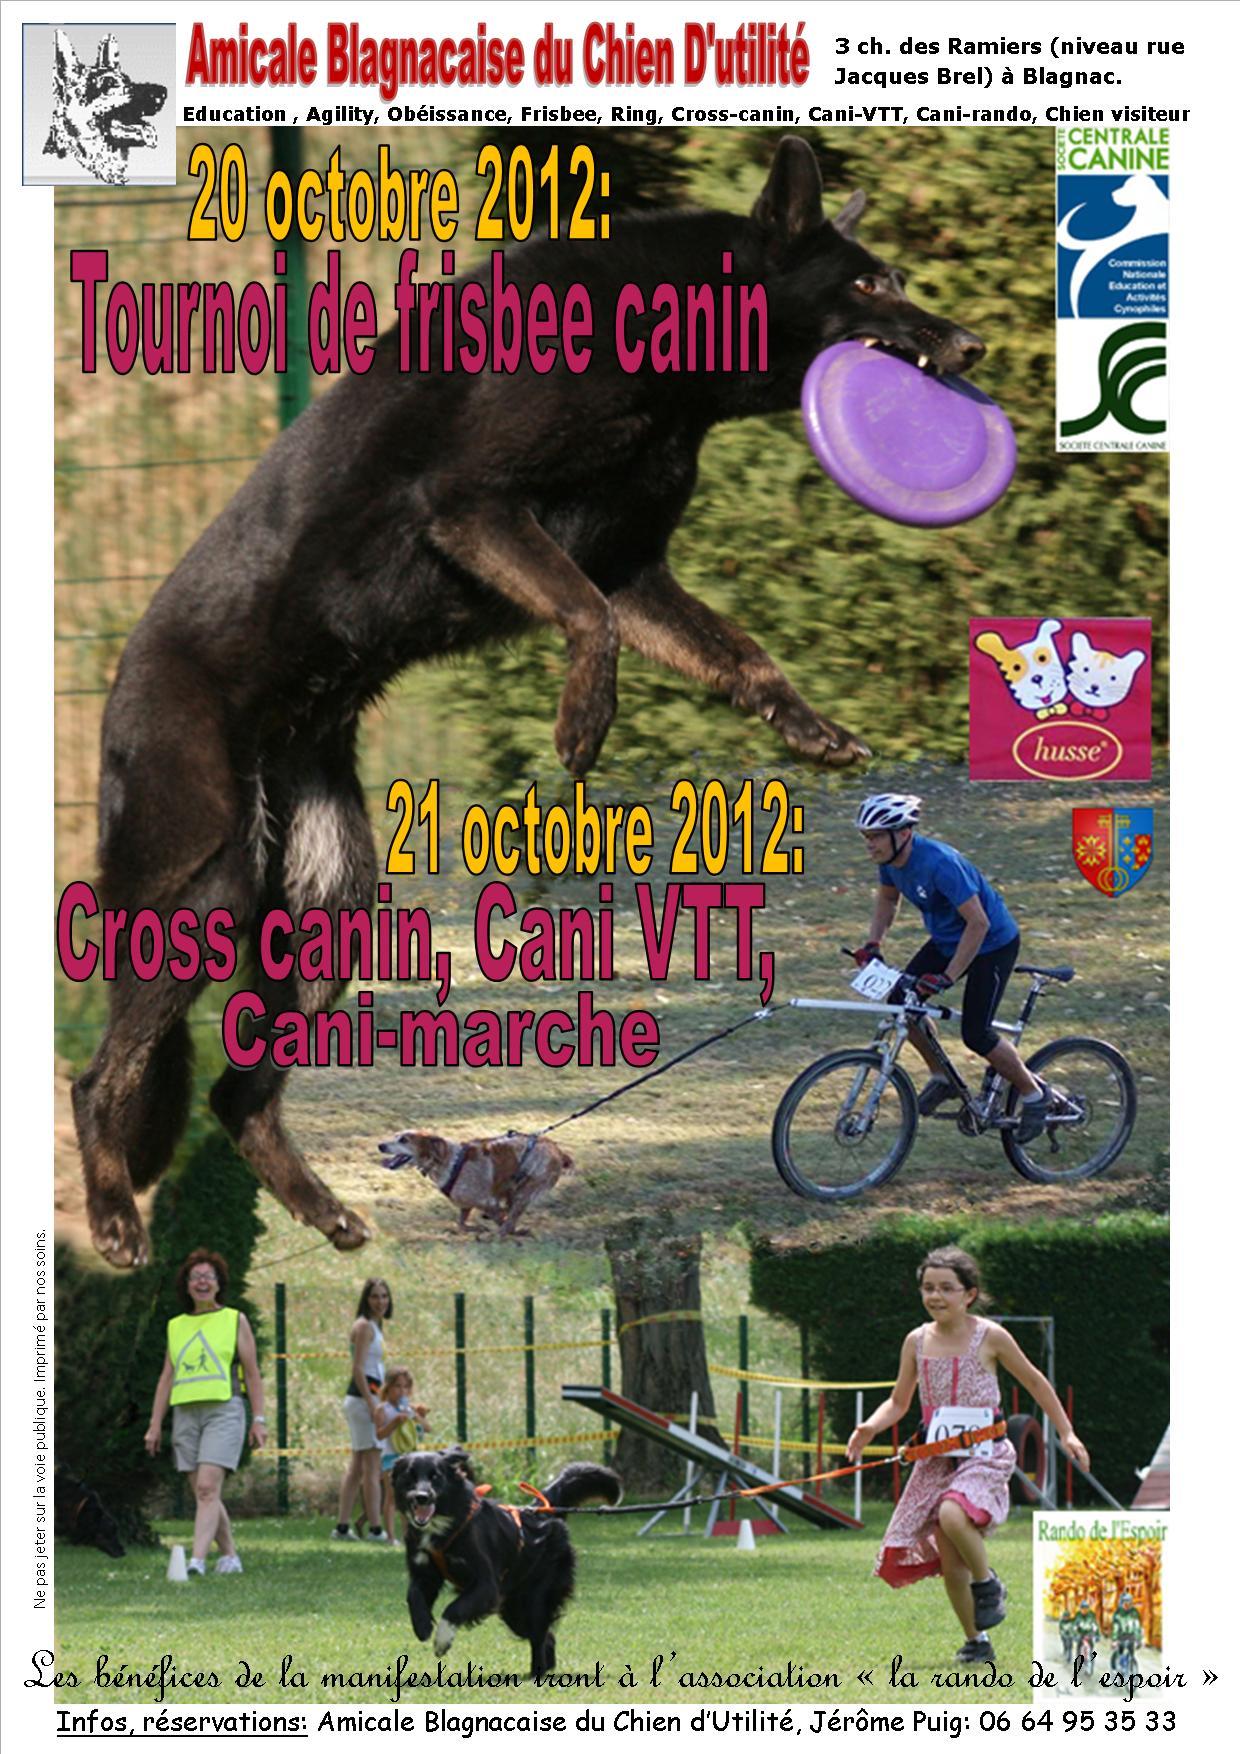 tournoi_frisbee_et_cross_canin_blagnac_du_20_octobre_2012.jpg